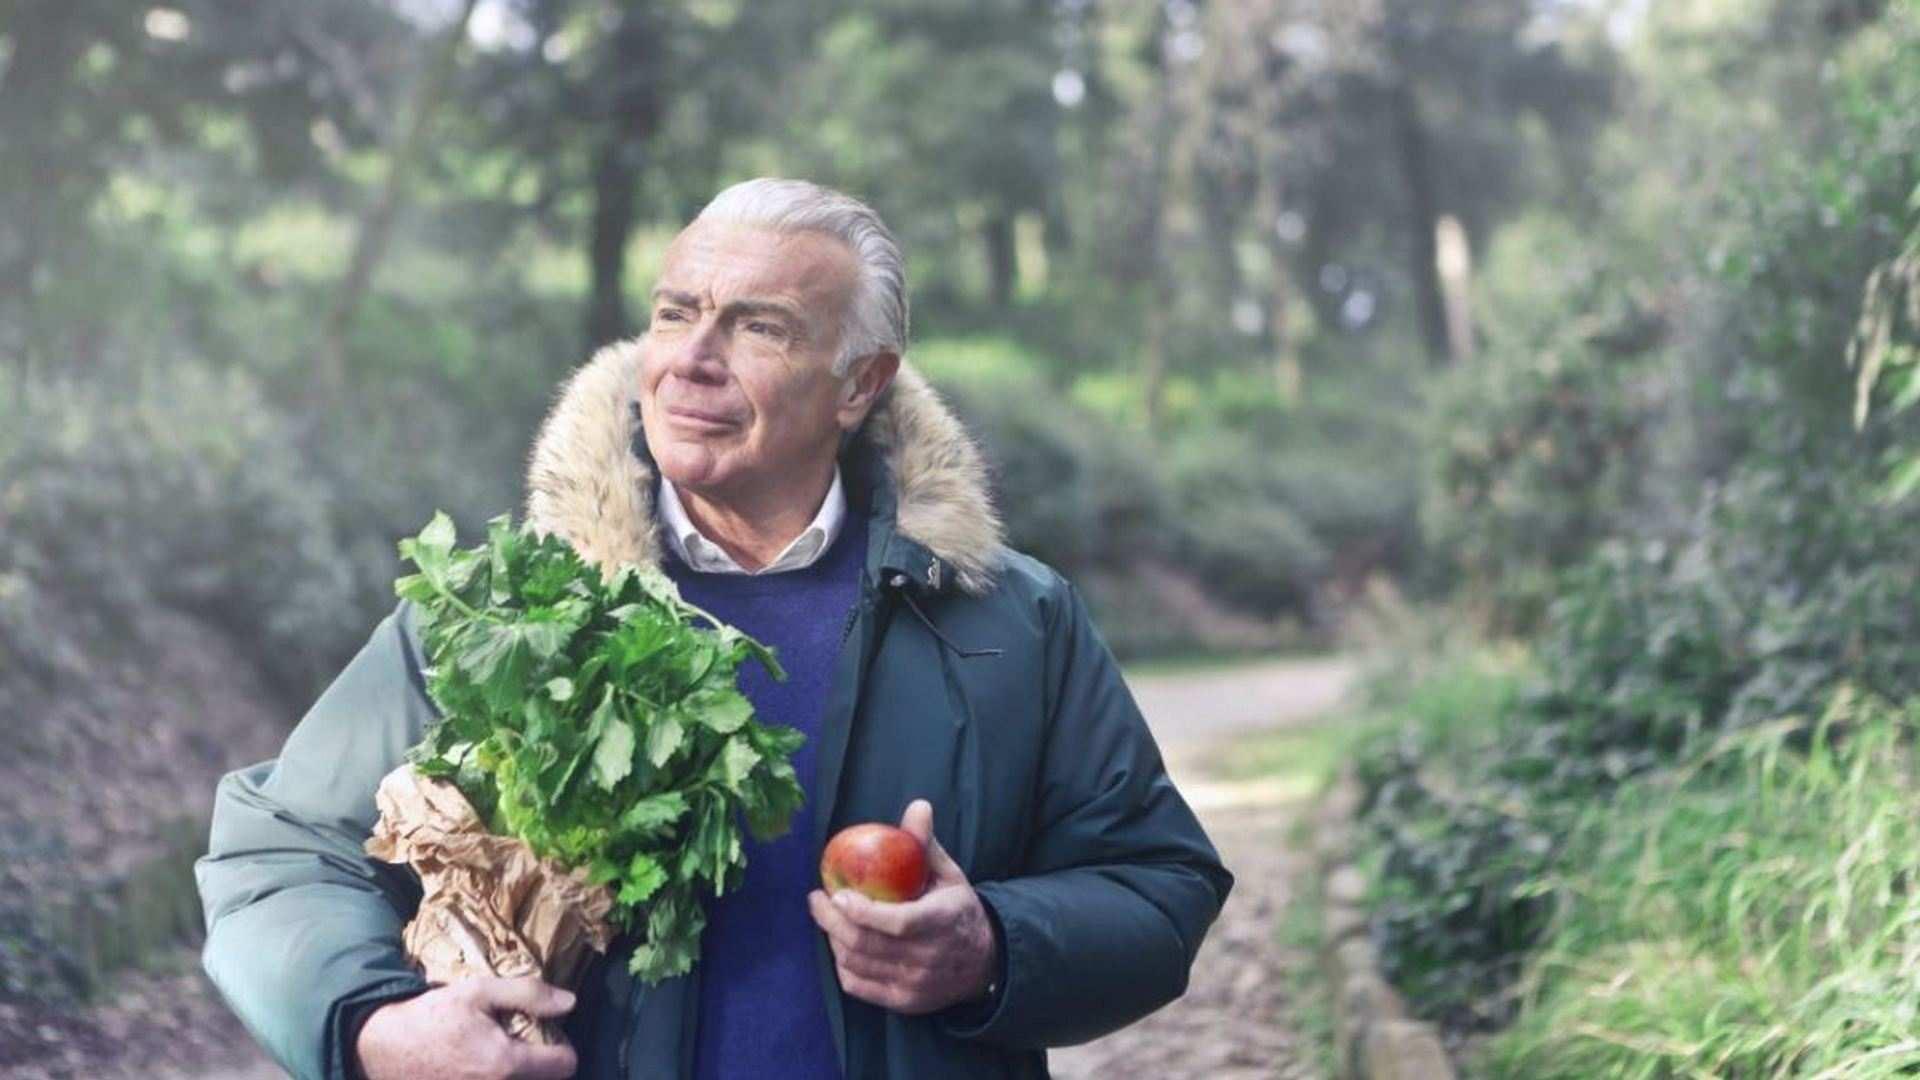 La Alimentación en la tercera edad: qué comer a partir de los 60